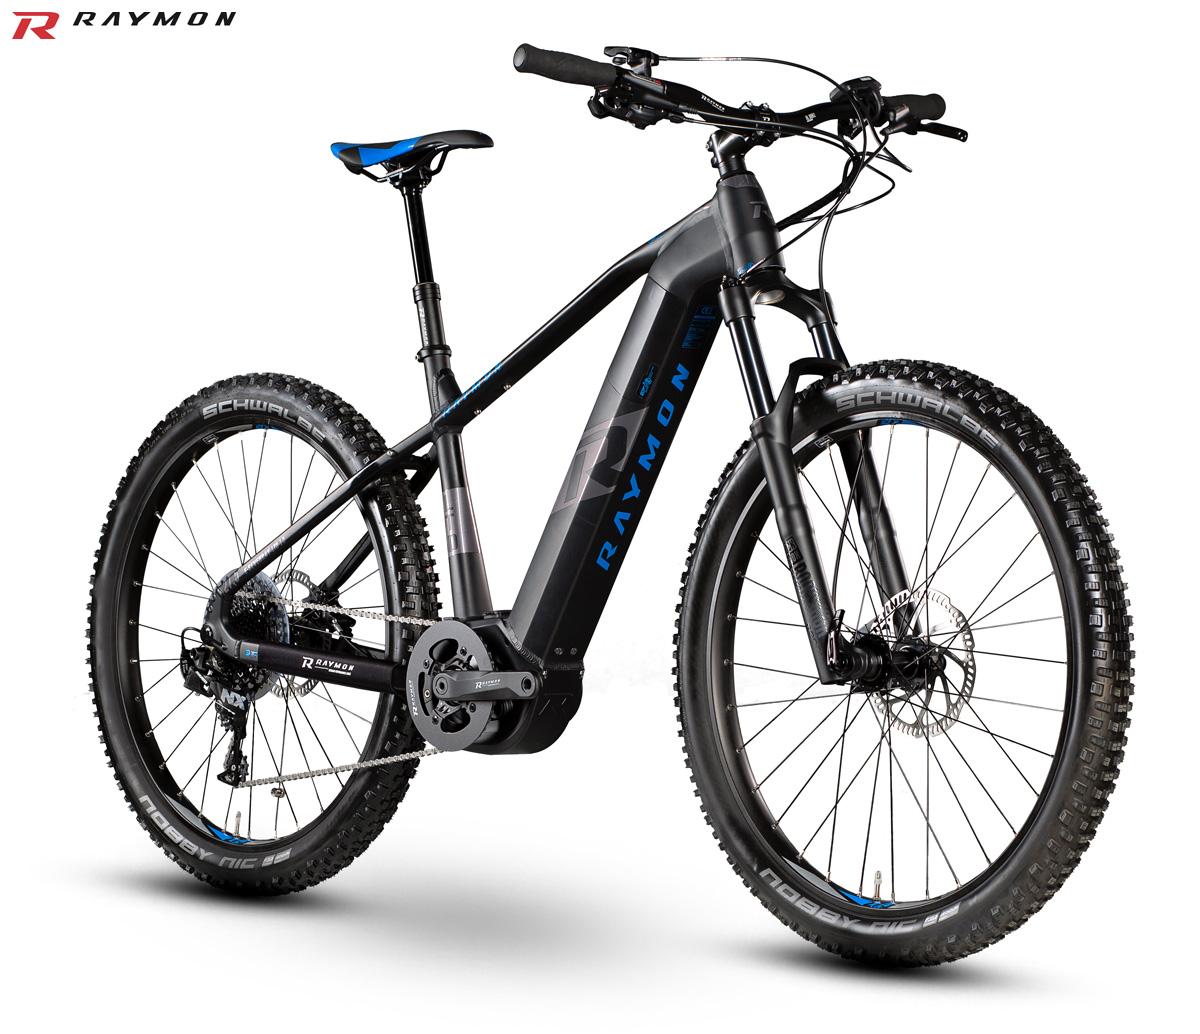 Una bicicletta a pedalata assistita E-SevenRay LTD 1.0 anno 2020